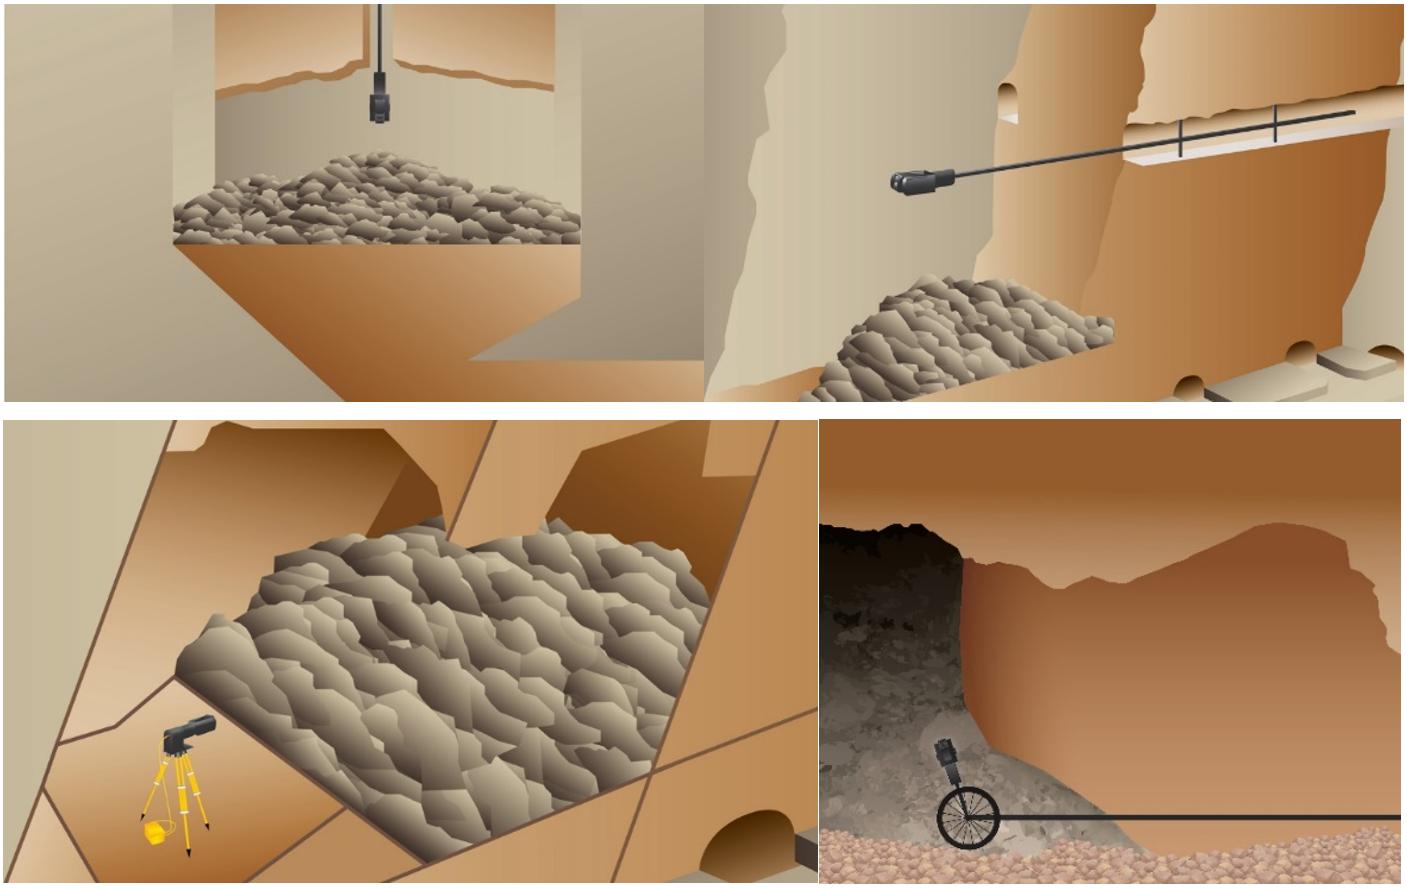 空區三維掃描系統在礦山采空區探測中的應用,華測三維激光掃描系統輕松完成下空區三維掃描,